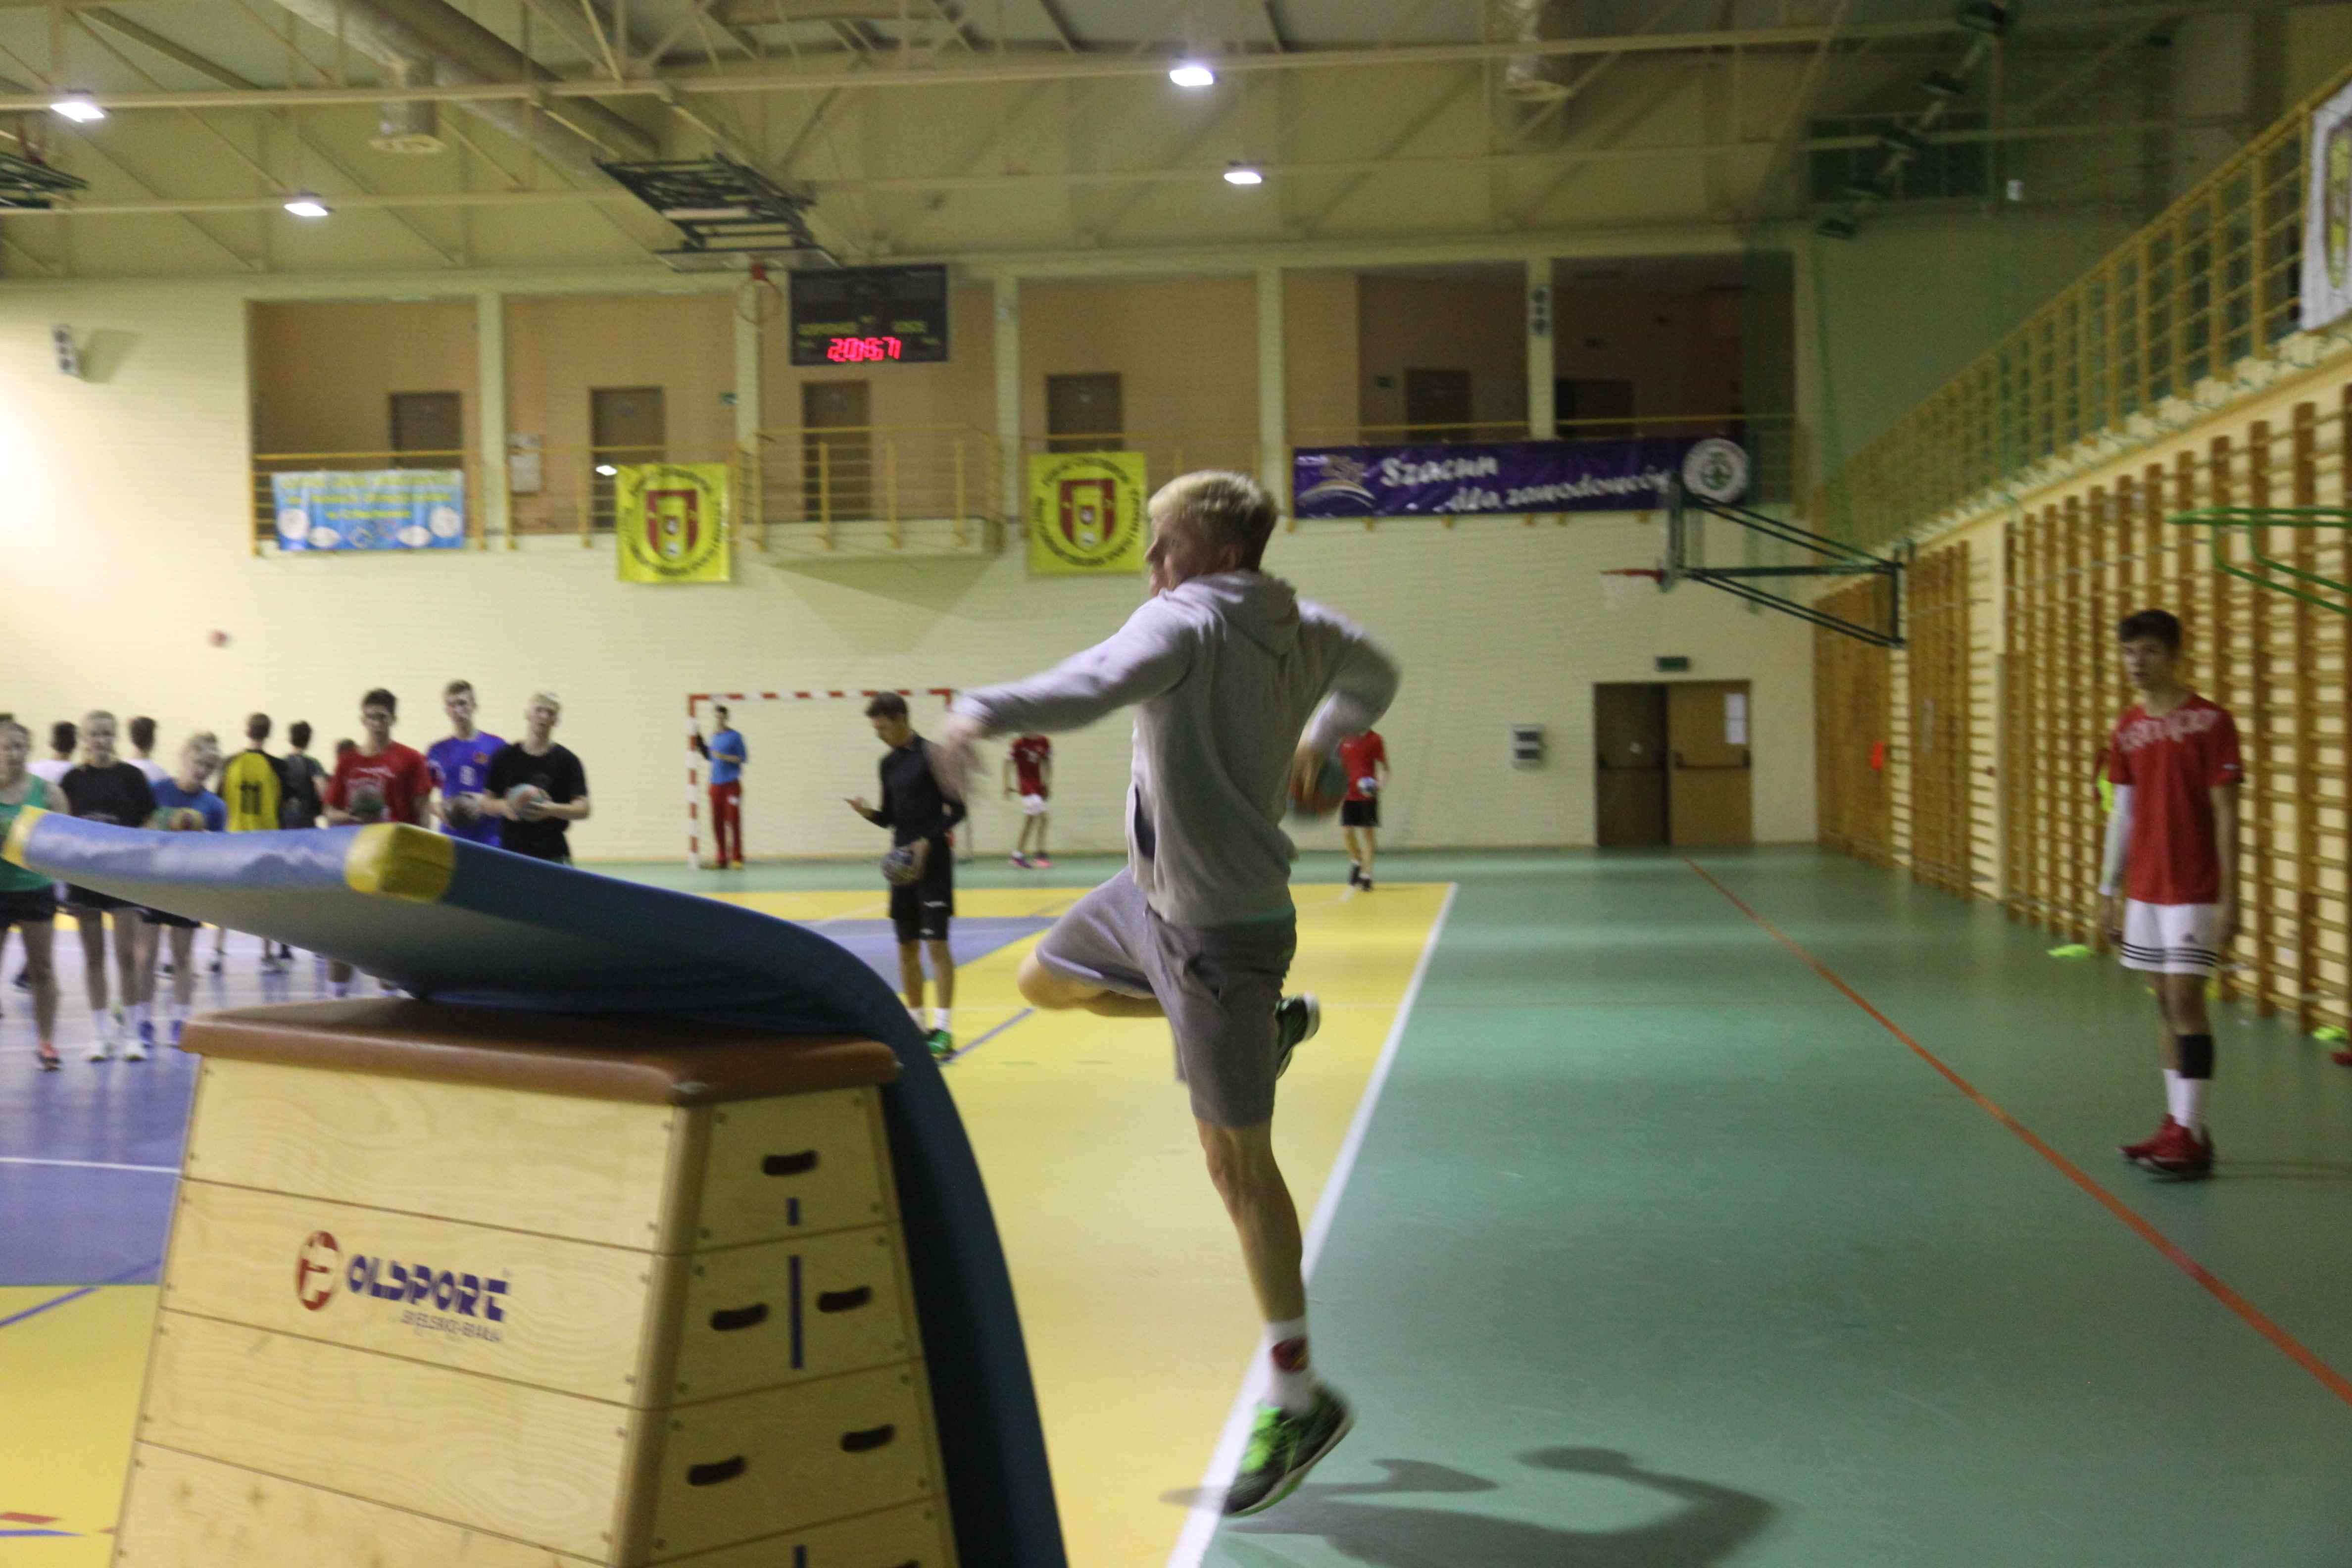 zajęcia sportowe na sali gimnastycznej